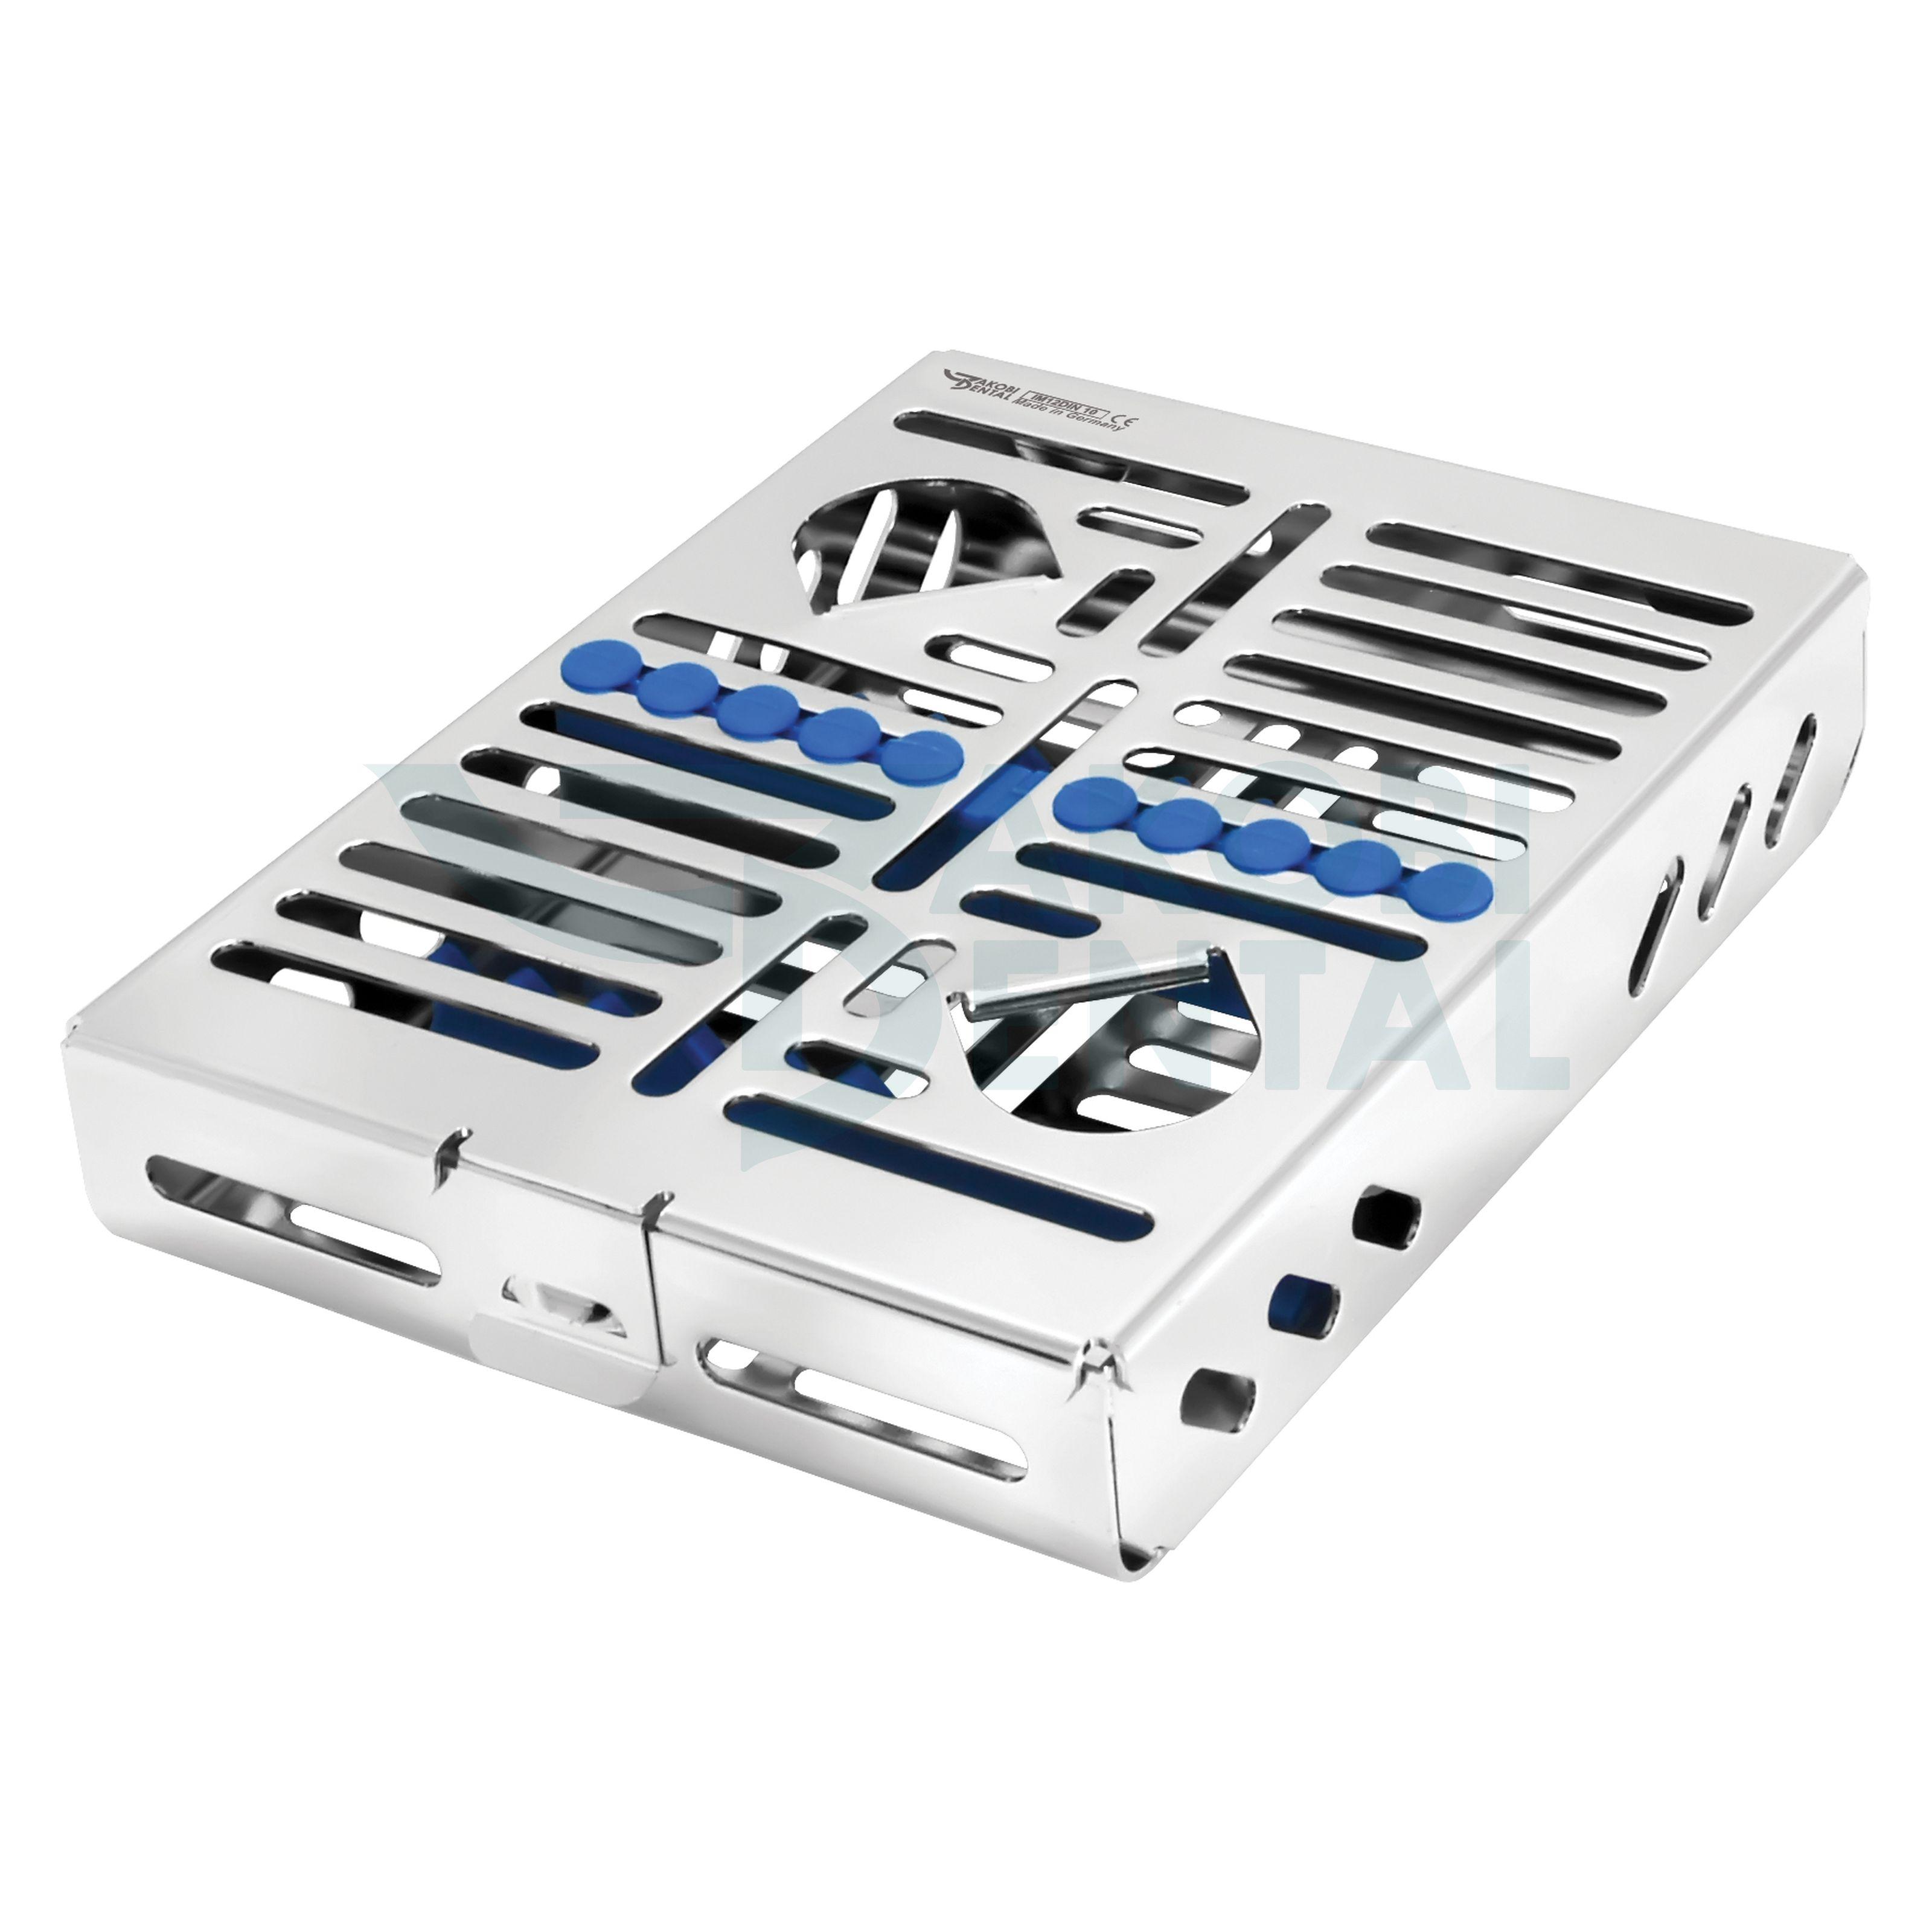 1/2DIN Kassette / Waschtray für 10 Instr. - Farbe wählbar